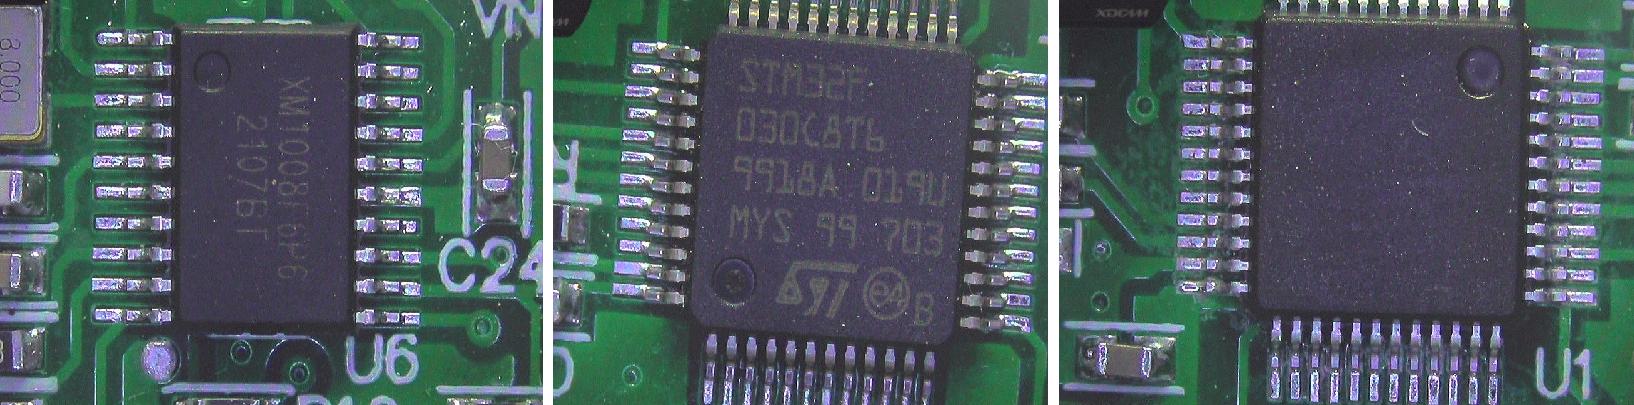 ▲ 电路板上的MCU